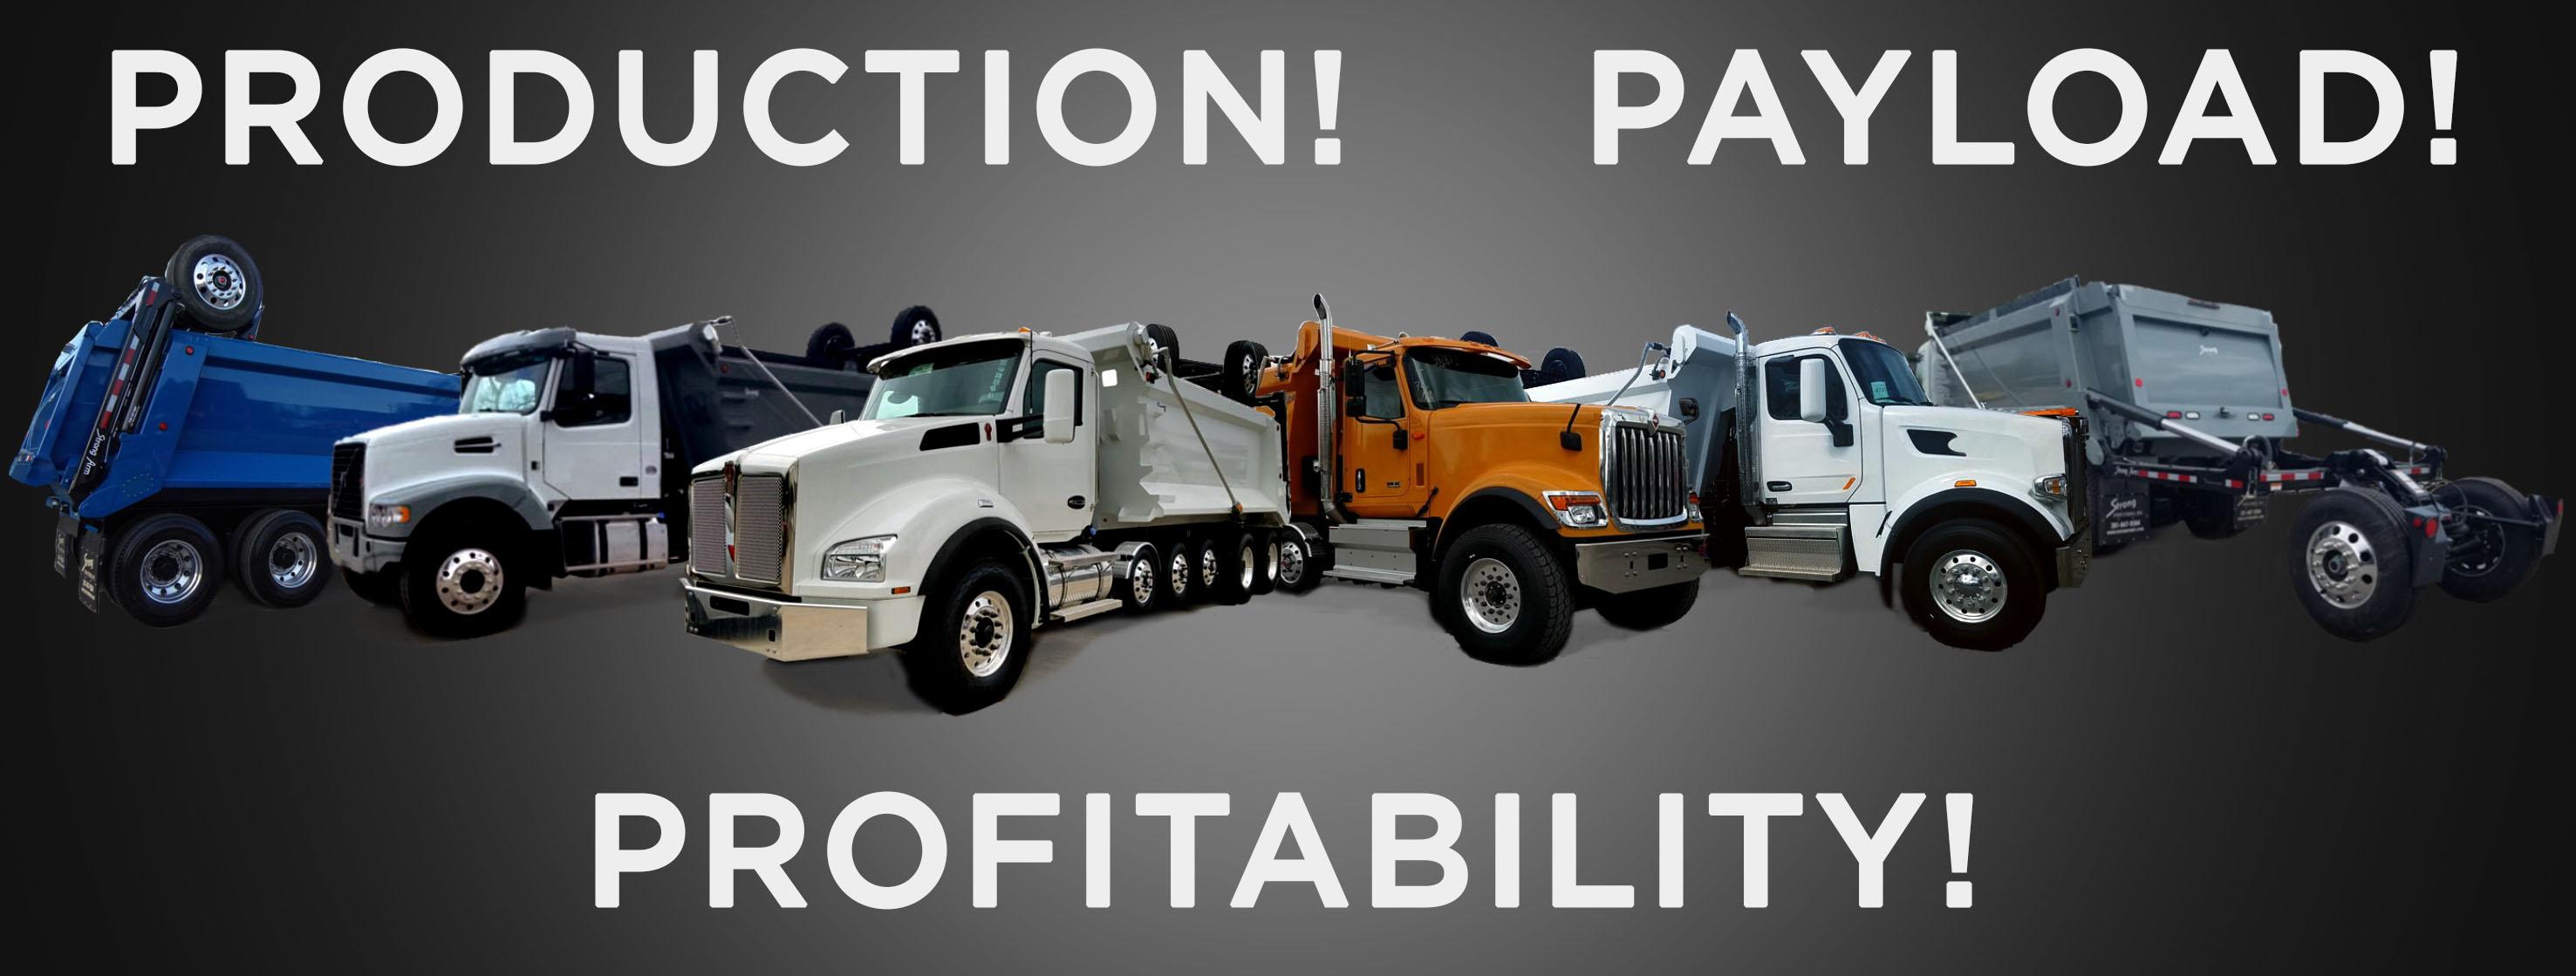 SuperDumps® - Strong Industries Inc - The Super Dump Truck